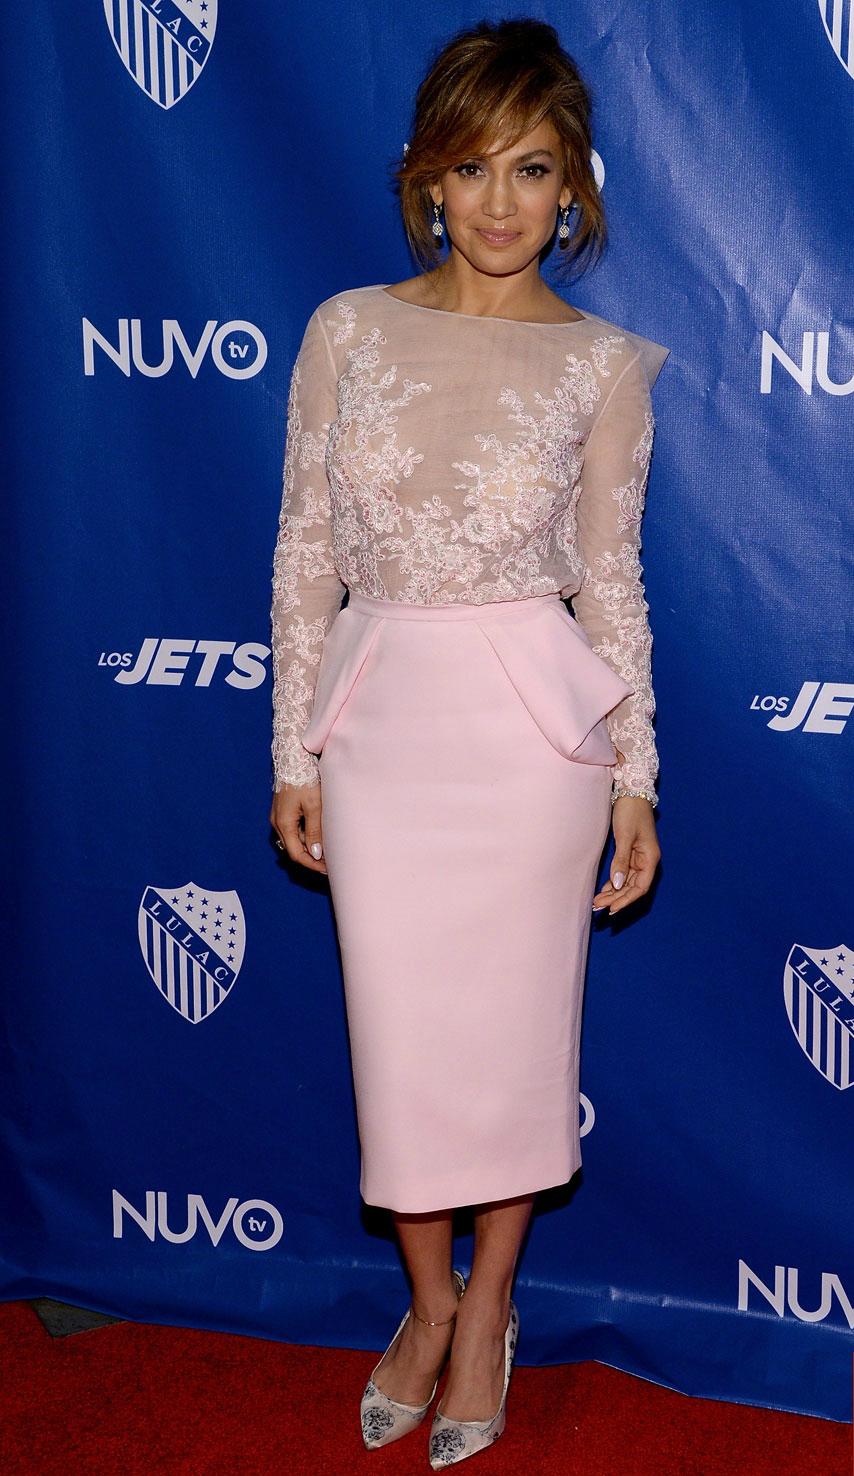 Jennifer Lopez Zuhair Murad LULACNUVOtv Luncheon Event Zuhair Murad Couture Bionda Castana Tom Lorenzo Site TLO 1 Najlepšie a najhoršie outfity týždňa